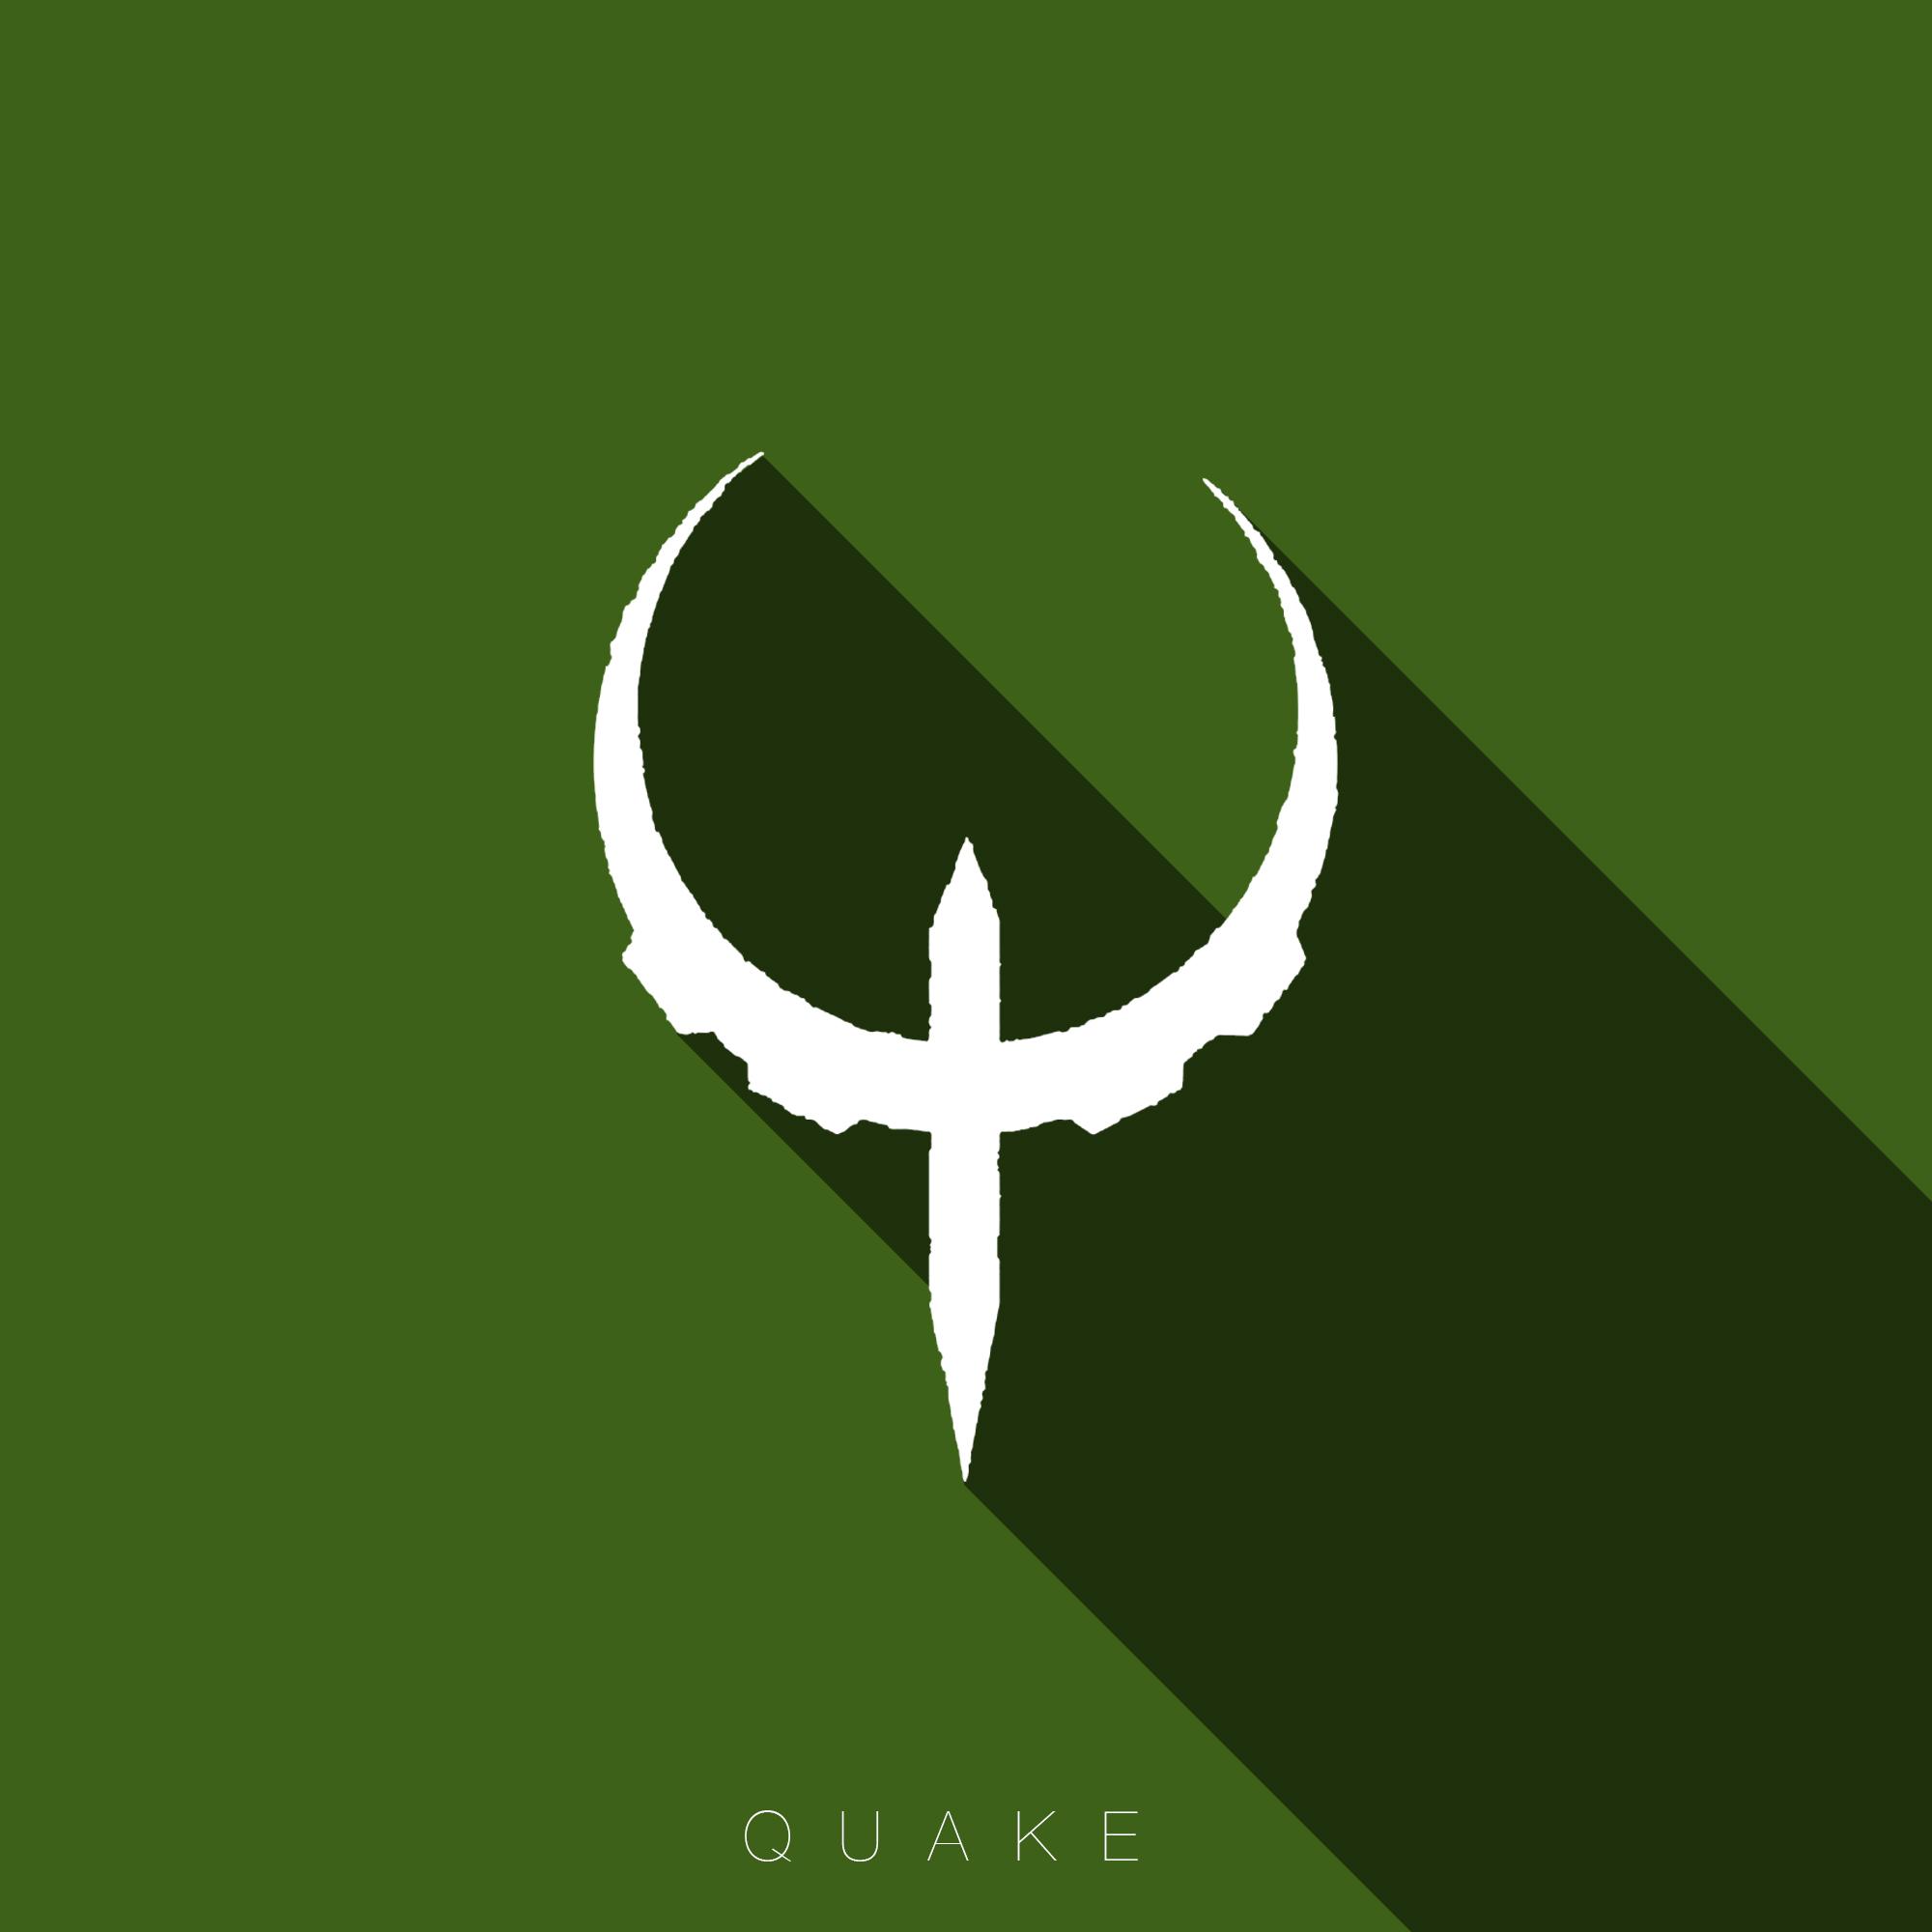 drsh_game_icons_quake.jpg